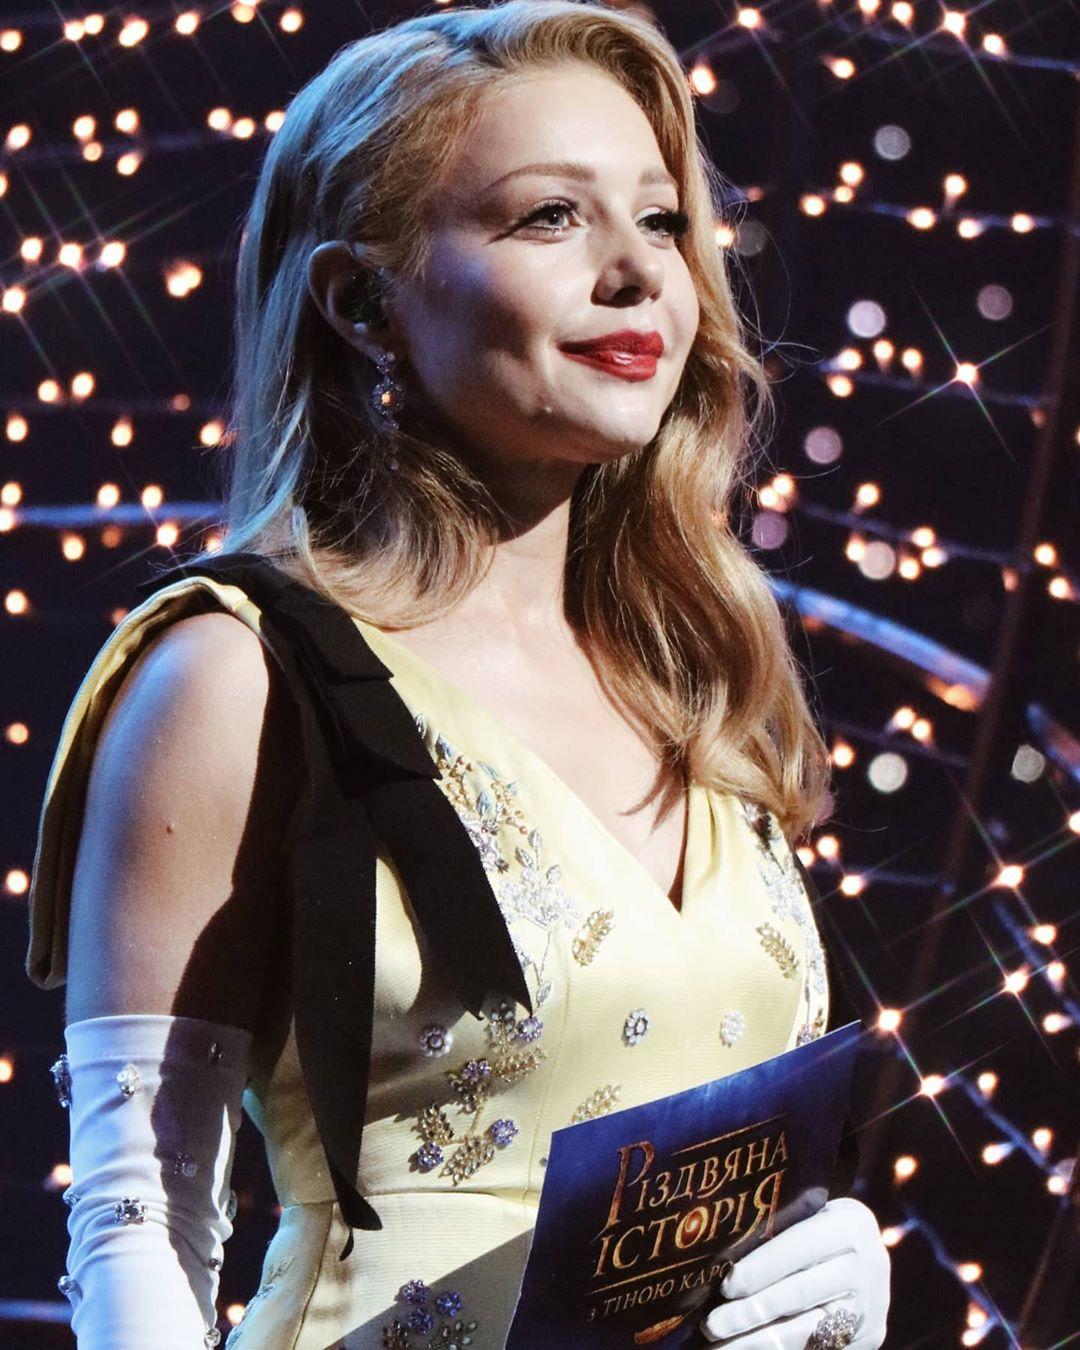 Новогоднее настроение: Тина Кароль засветилась в образе пряничного человечка